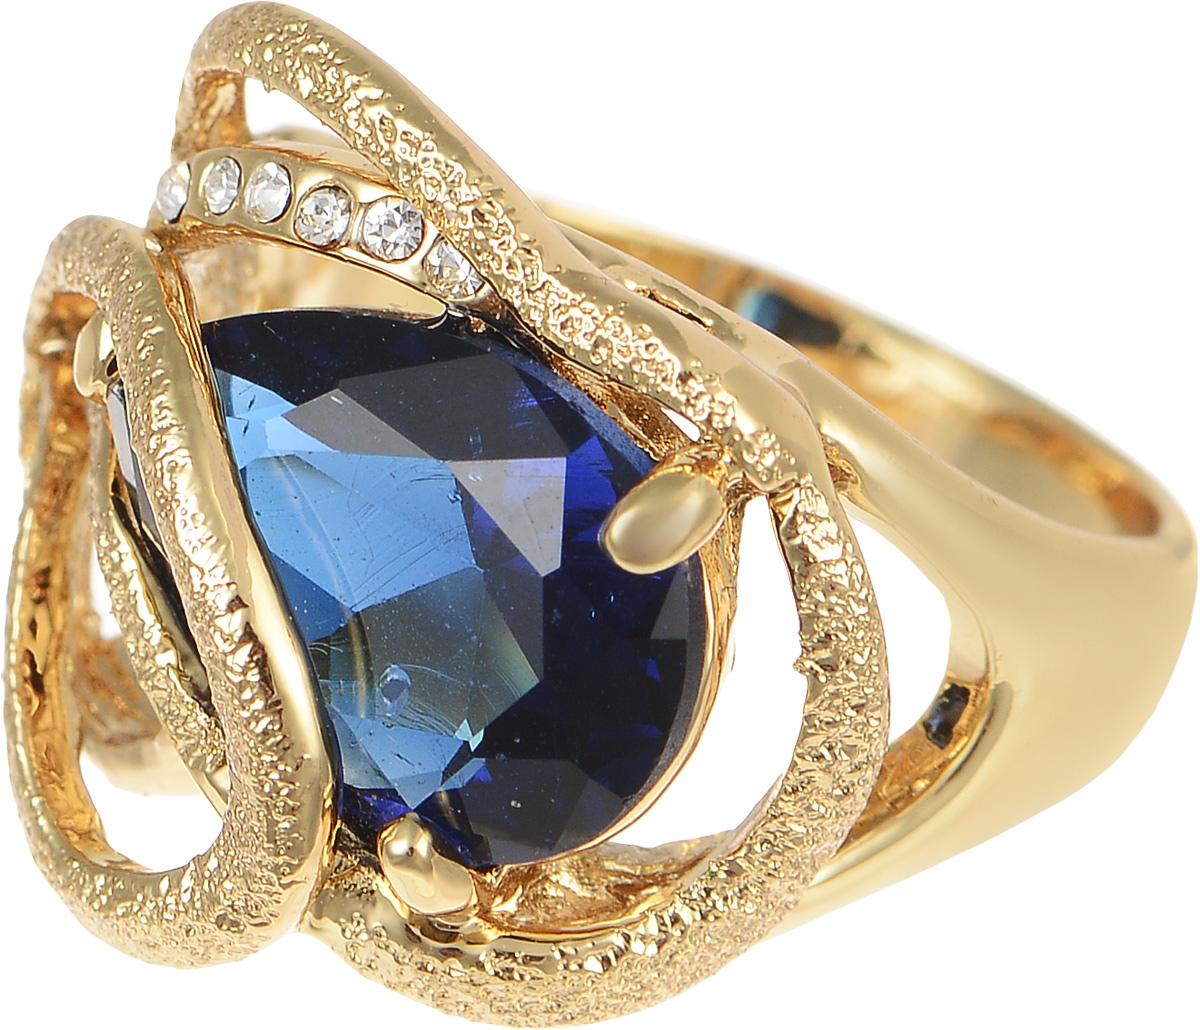 Кольцо Art-Silver, цвет: золотистый, синий. 016134-350. Размер 17,5016134-350Стильное кольцо Art-Silver изготовлено из бижутерного сплава с золотистым покрытием. Изделие дополнено мелкими цирконами, в центре - крупным цирконом. Декоративная часть кольца оформлена шероховатой поверхностью. Стильное кольцо придаст вашему образу изюминку и подчеркнет индивидуальность.